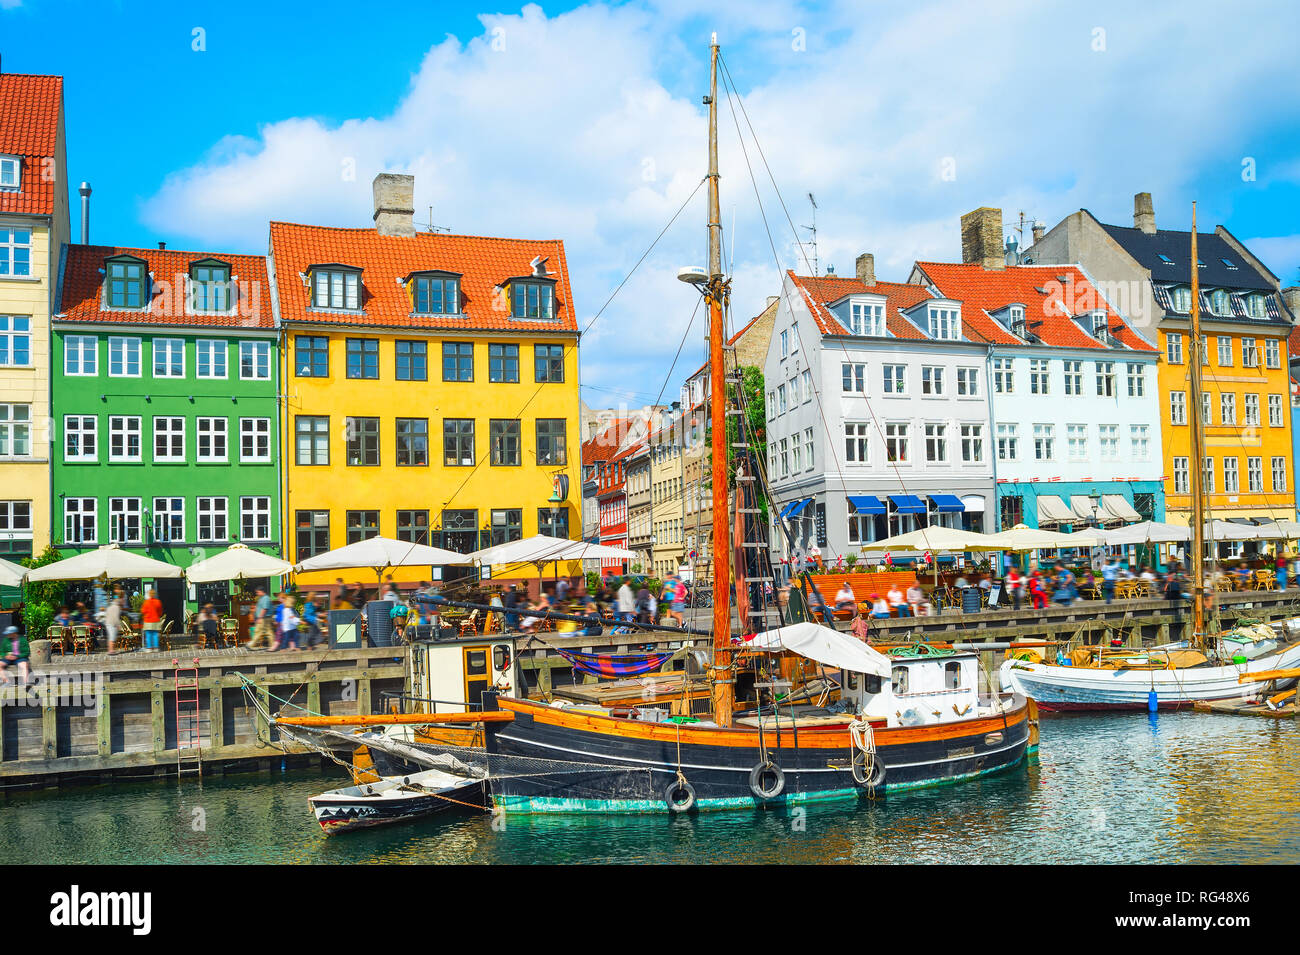 Pintoresca Nyhavn ver con botes de terraplén en la brillante luz del sol, la gente caminar y sentarse en los restaurantes, Copenhague, Dinamarca Foto de stock